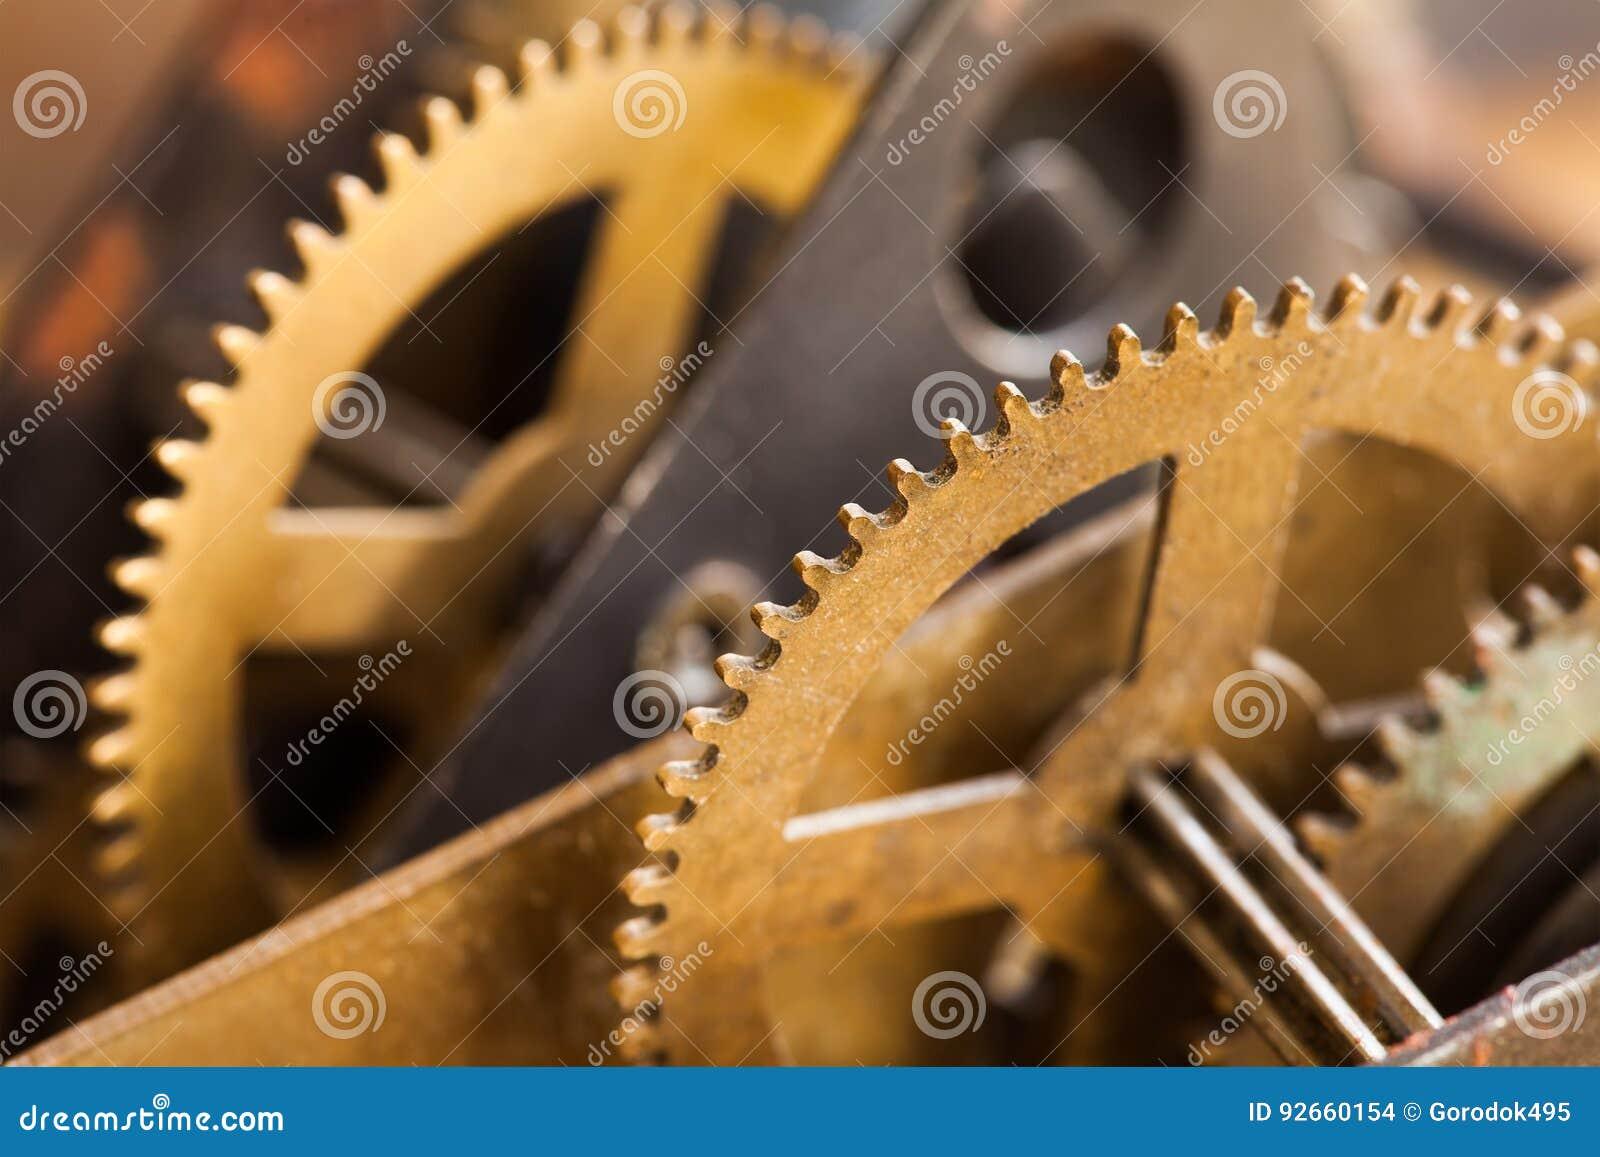 Взгляд макроса передачи cog бронзы промышленного машинного оборудования Постаретый механизм зубов колеса шестерни металла, поле м